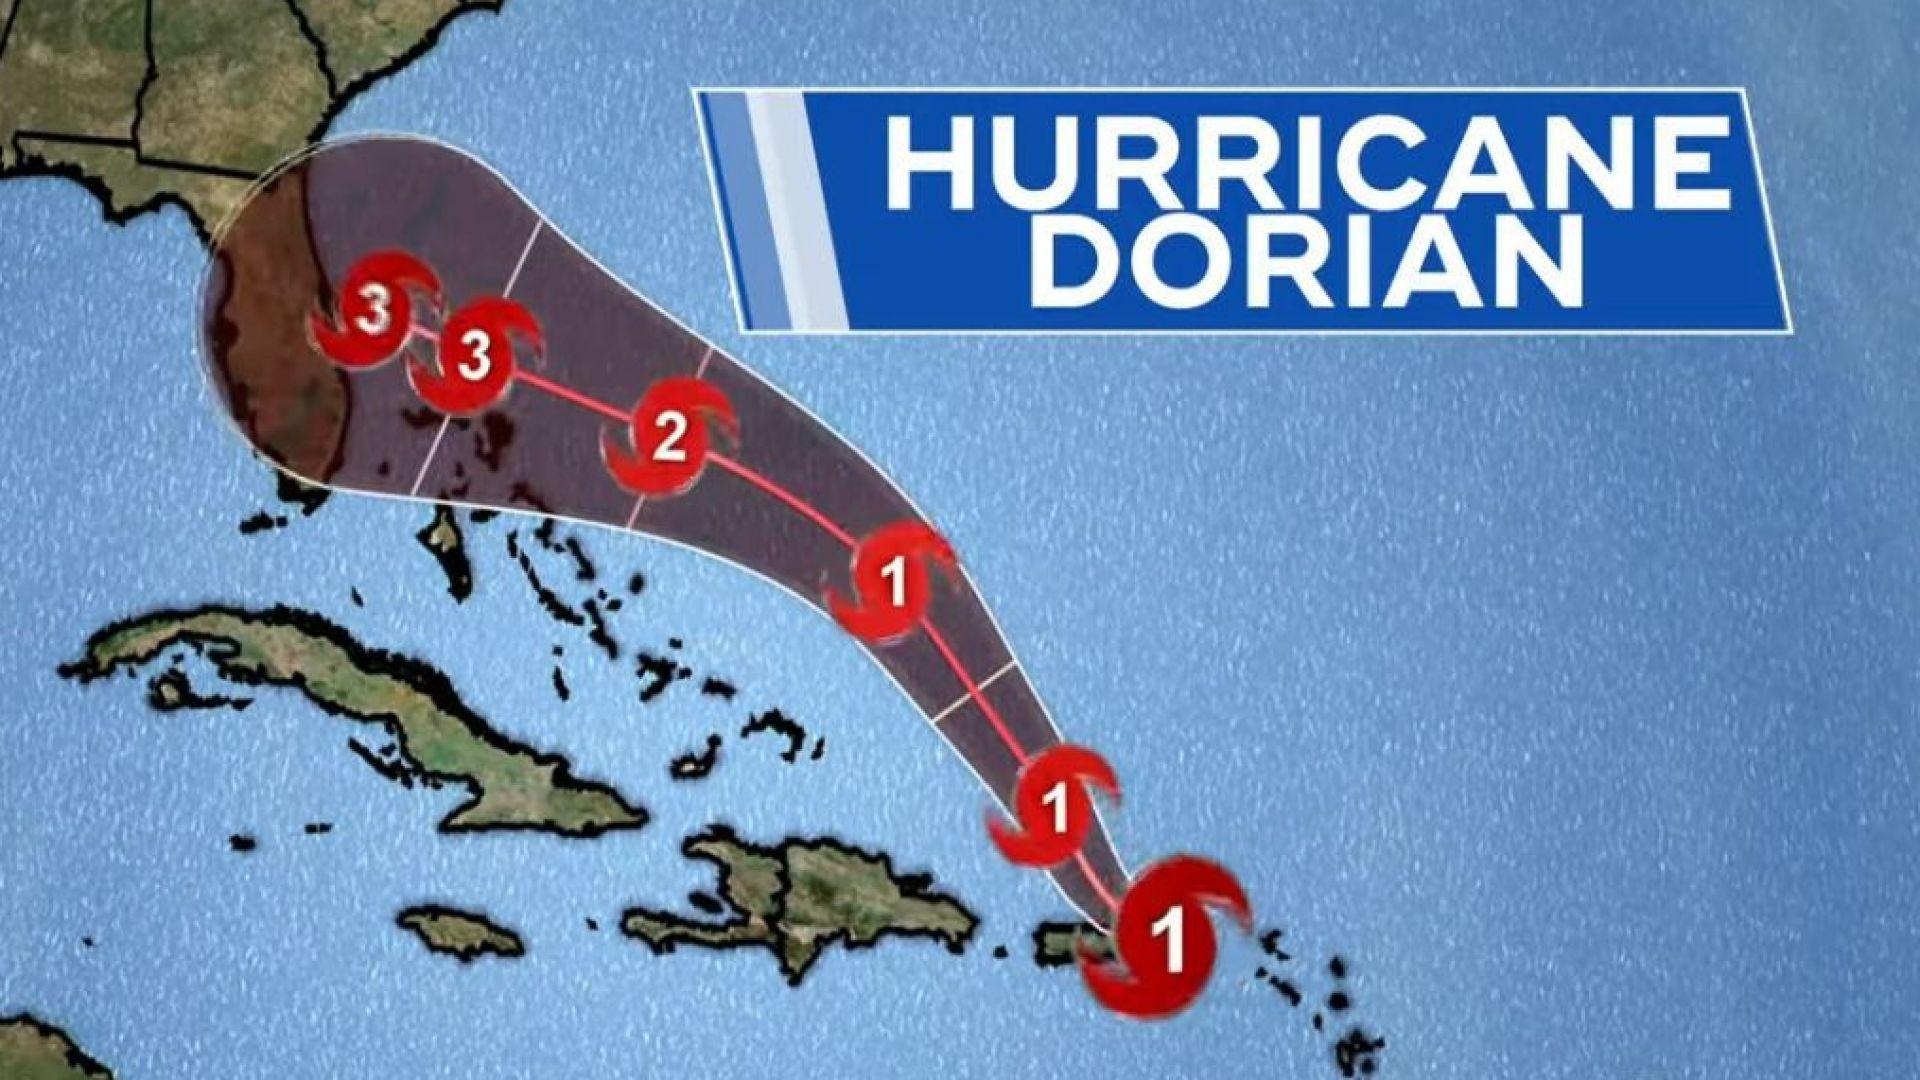 Както изглежда ураганът Дориан ще връхлети Флорида в неделя късно